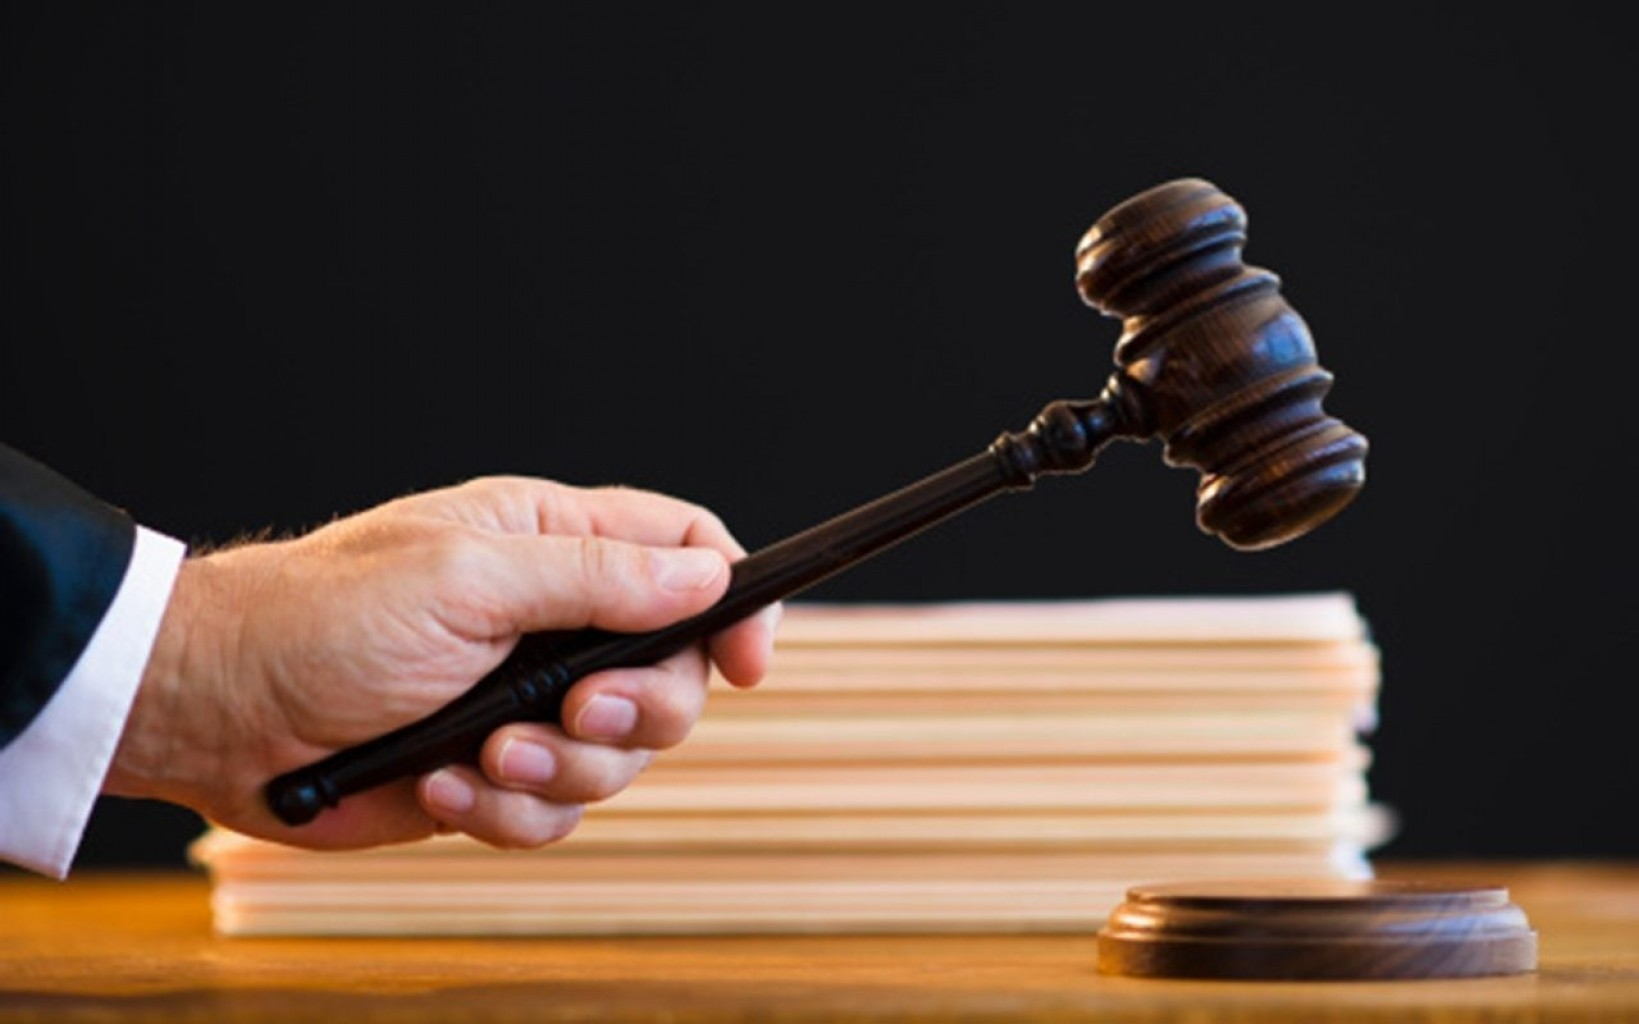 Líderes legislativos, anuncian Acuerdo sobre medidas de reforma de justicia penal